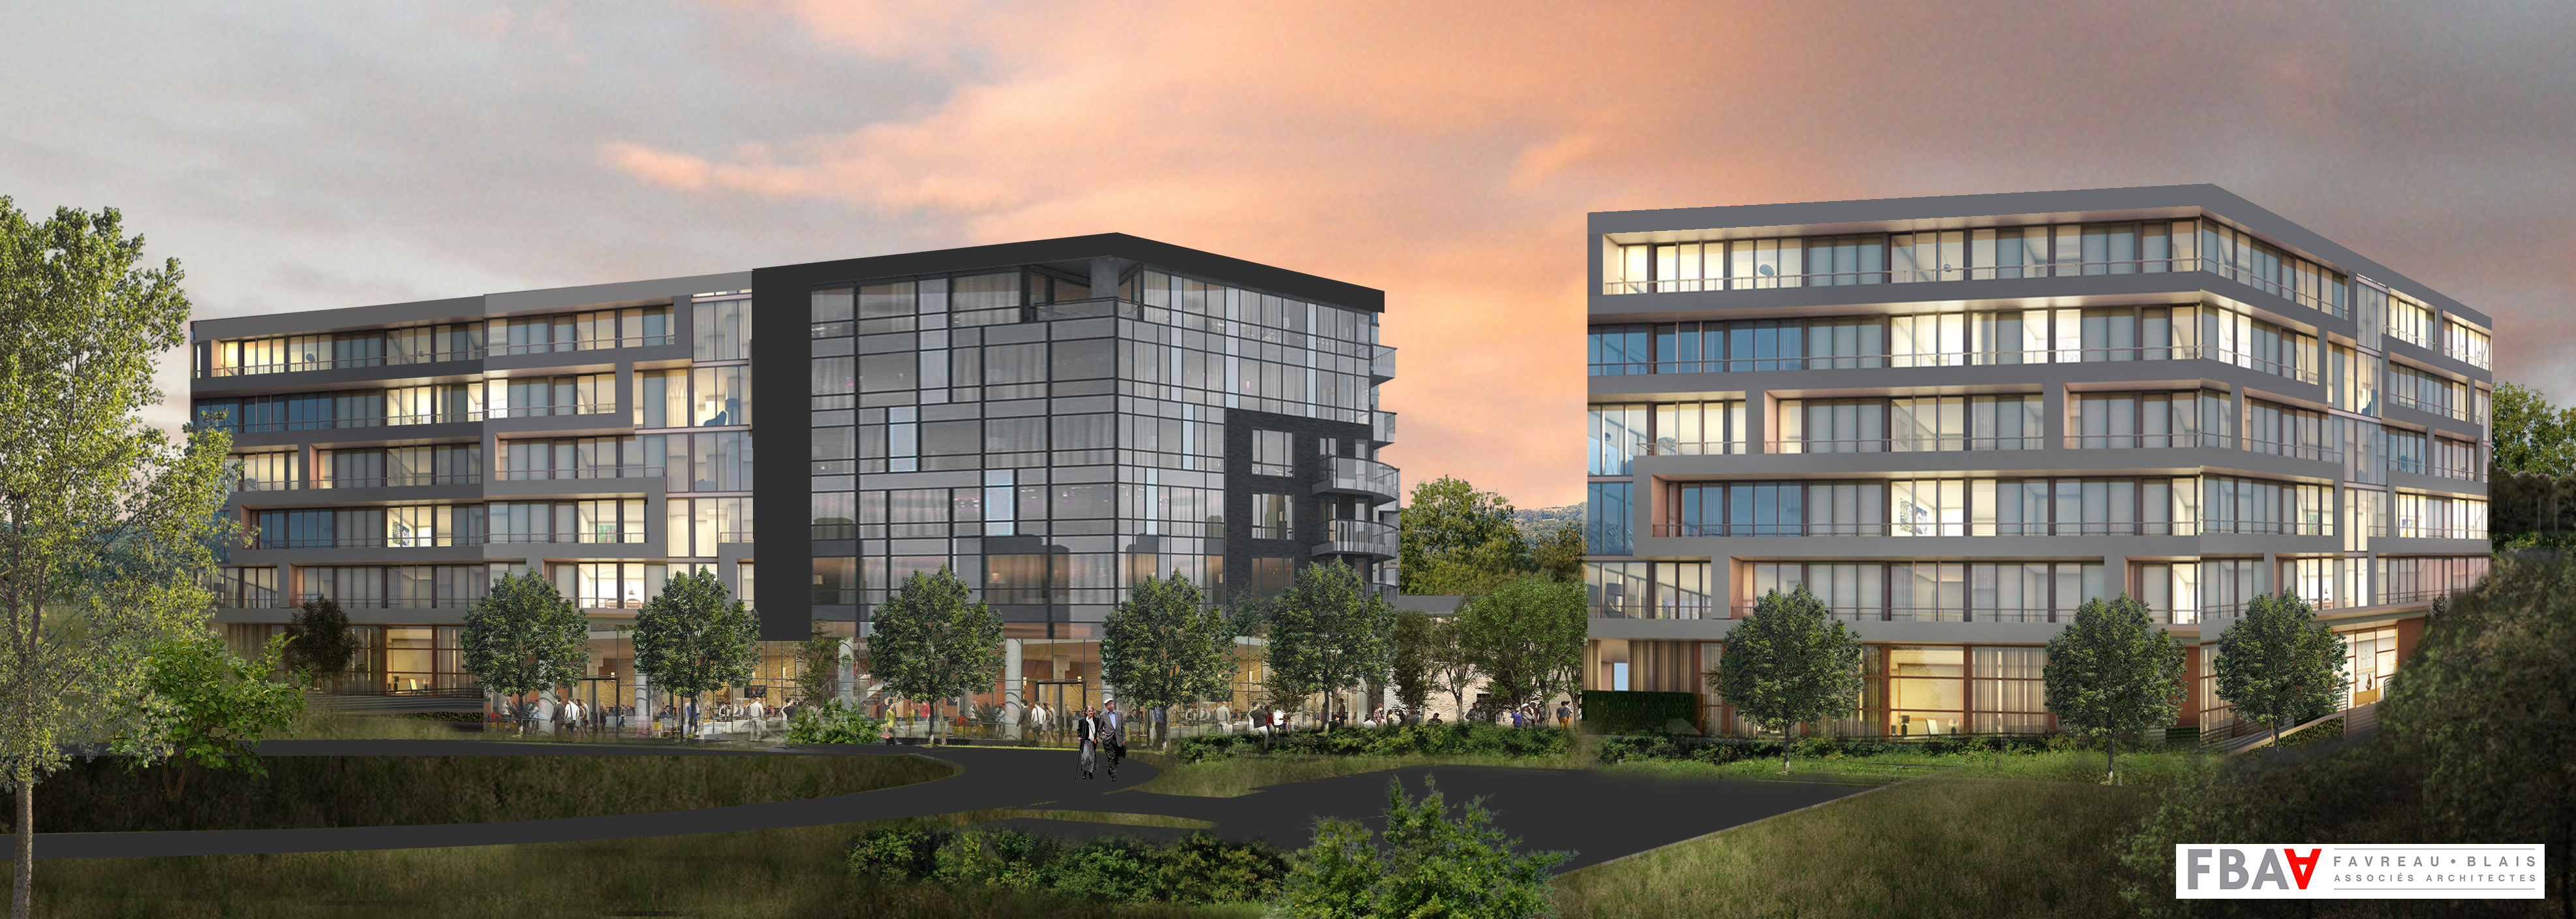 Construction d'un immeuble d'habitation avec locaux intégrés